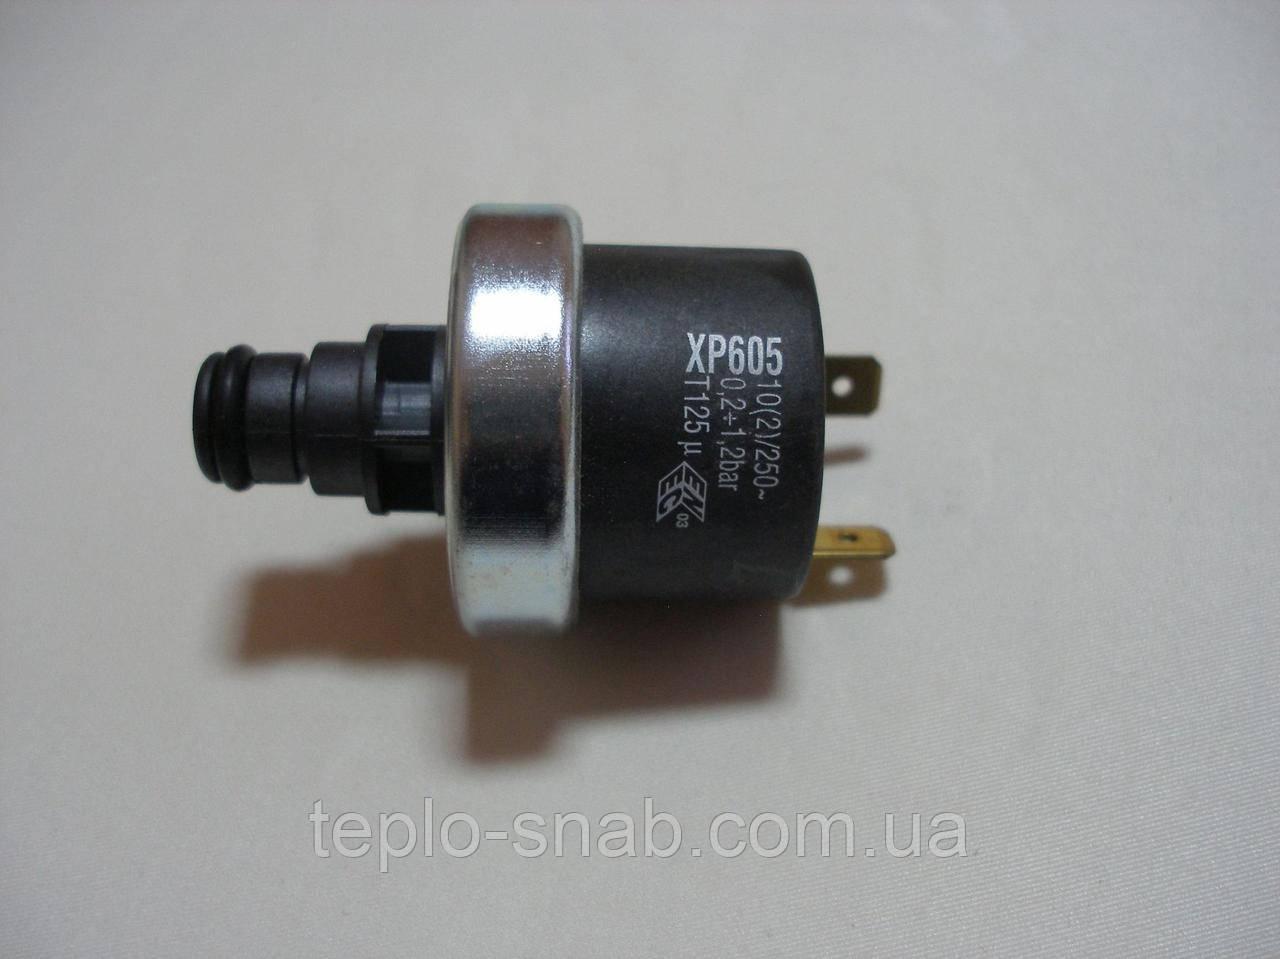 Реле давления ХР-605 (под скобу).